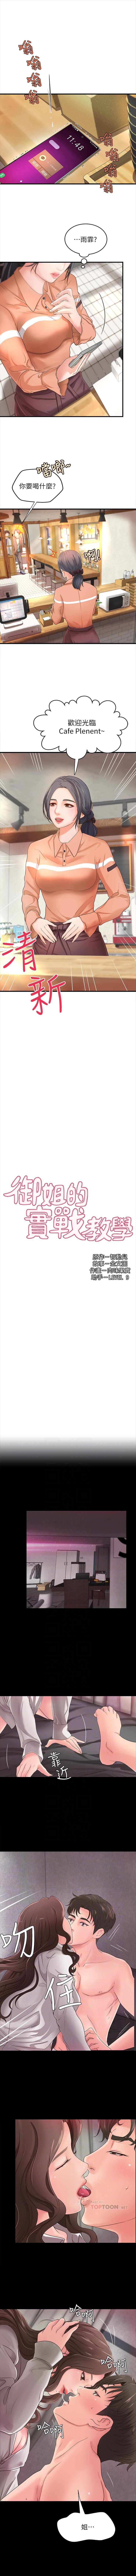 御姐的實戰教學 1-24 官方中文(連載中) 53